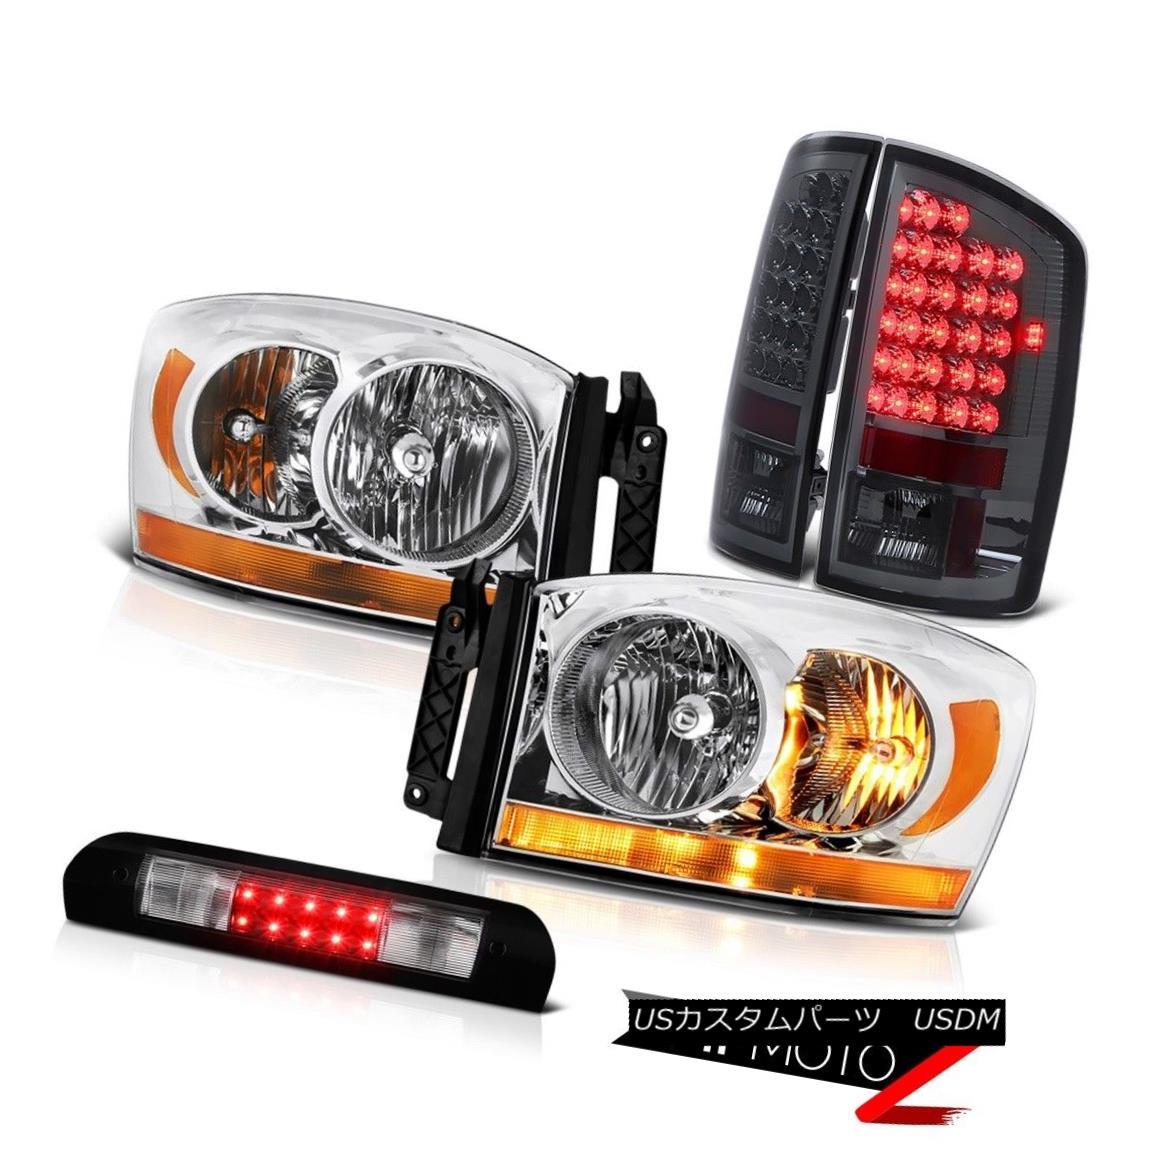 ヘッドライト 2006 Ram 3.7L Clear Chrome Headlamps Matte Black 3RD Brake Lamp Smoked Taillamps 2006 RAM 3.7Lクリアクロームヘッドランプマットブラック3RDブレーキランプスモークタイランプ